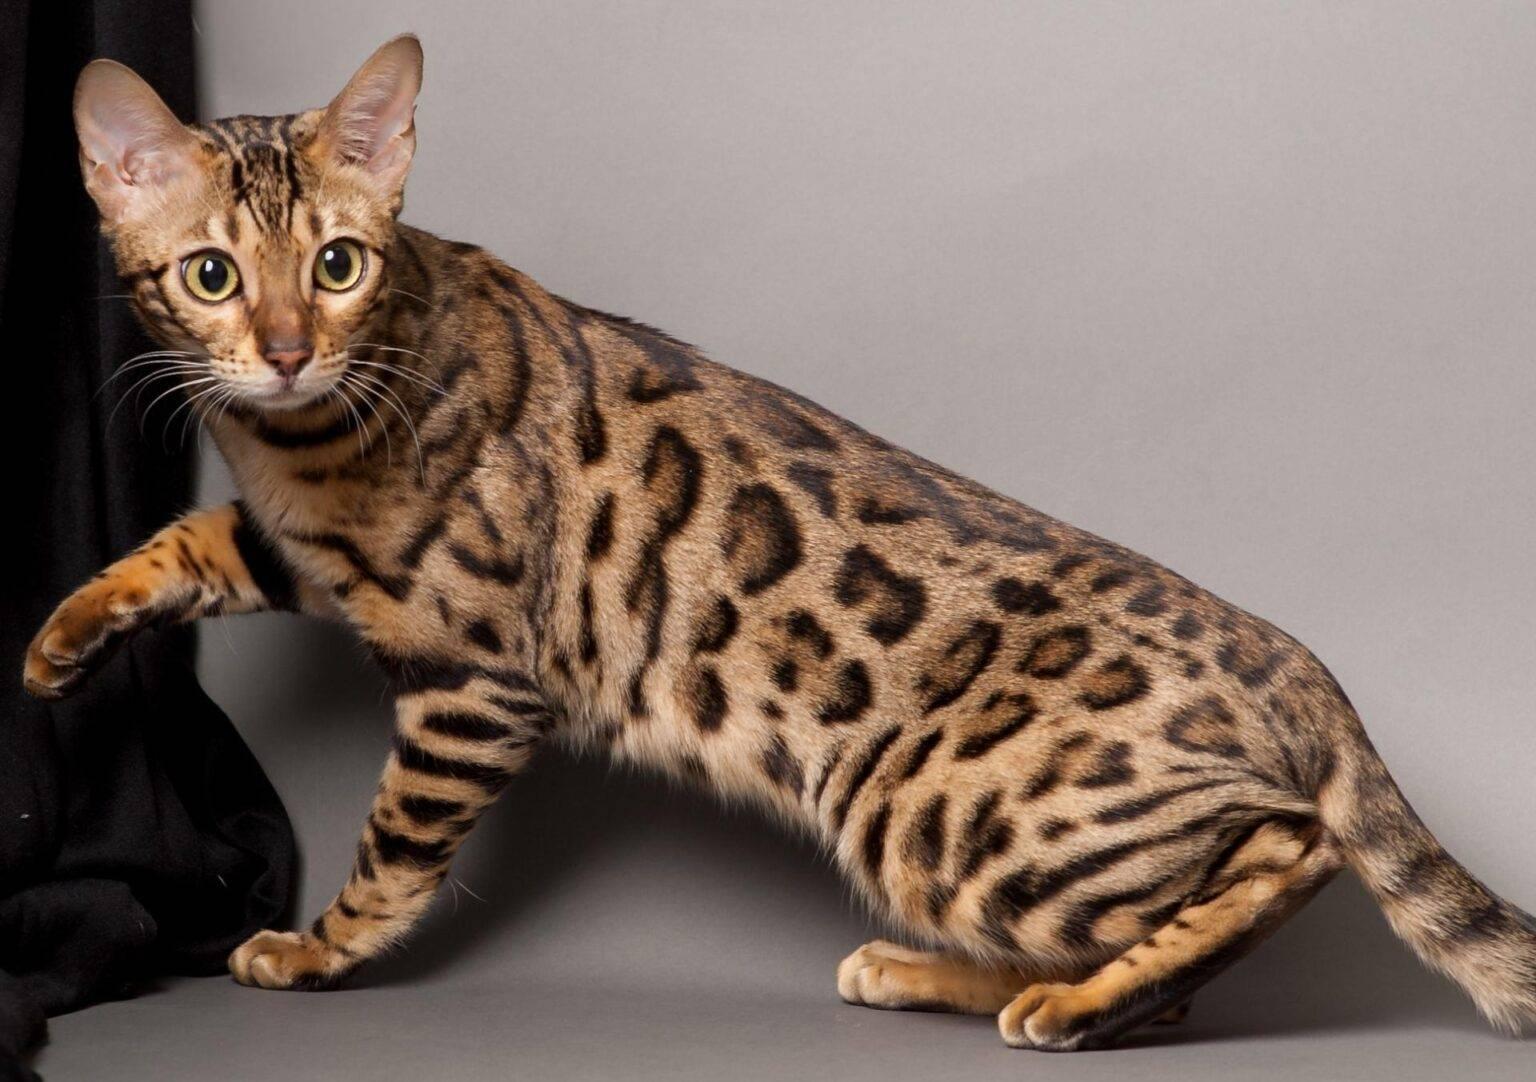 Породы кошек тигрового и леопардового окраса